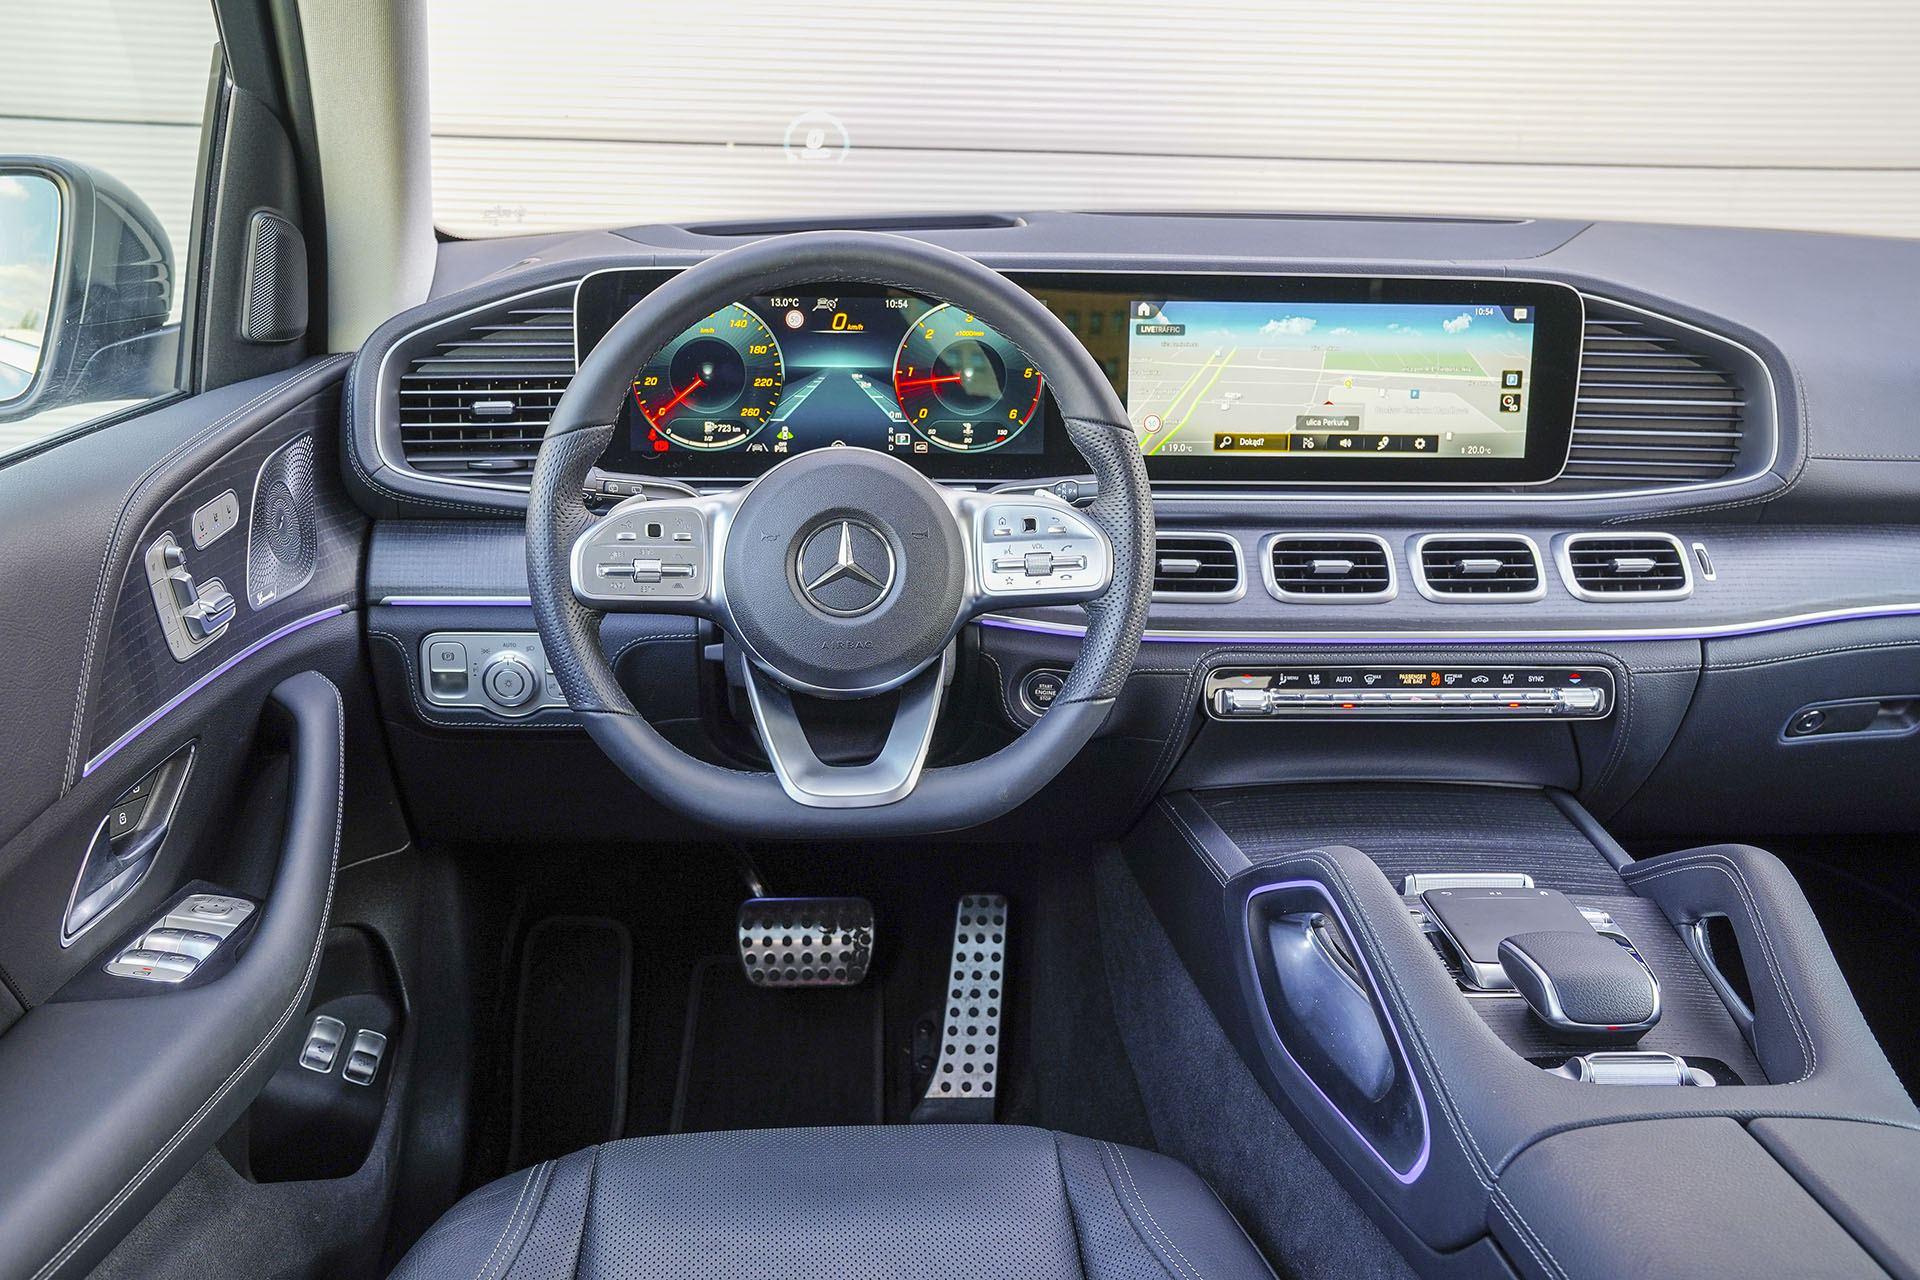 Mercedes GLE - deska rozdzielcza - Land Rover Discovery, Mercedes GLE, Range Rover Sport, Volkswagen Touareg, Volvo XC90 – PORÓWNANIE –opinie, dane techniczne, wymiary